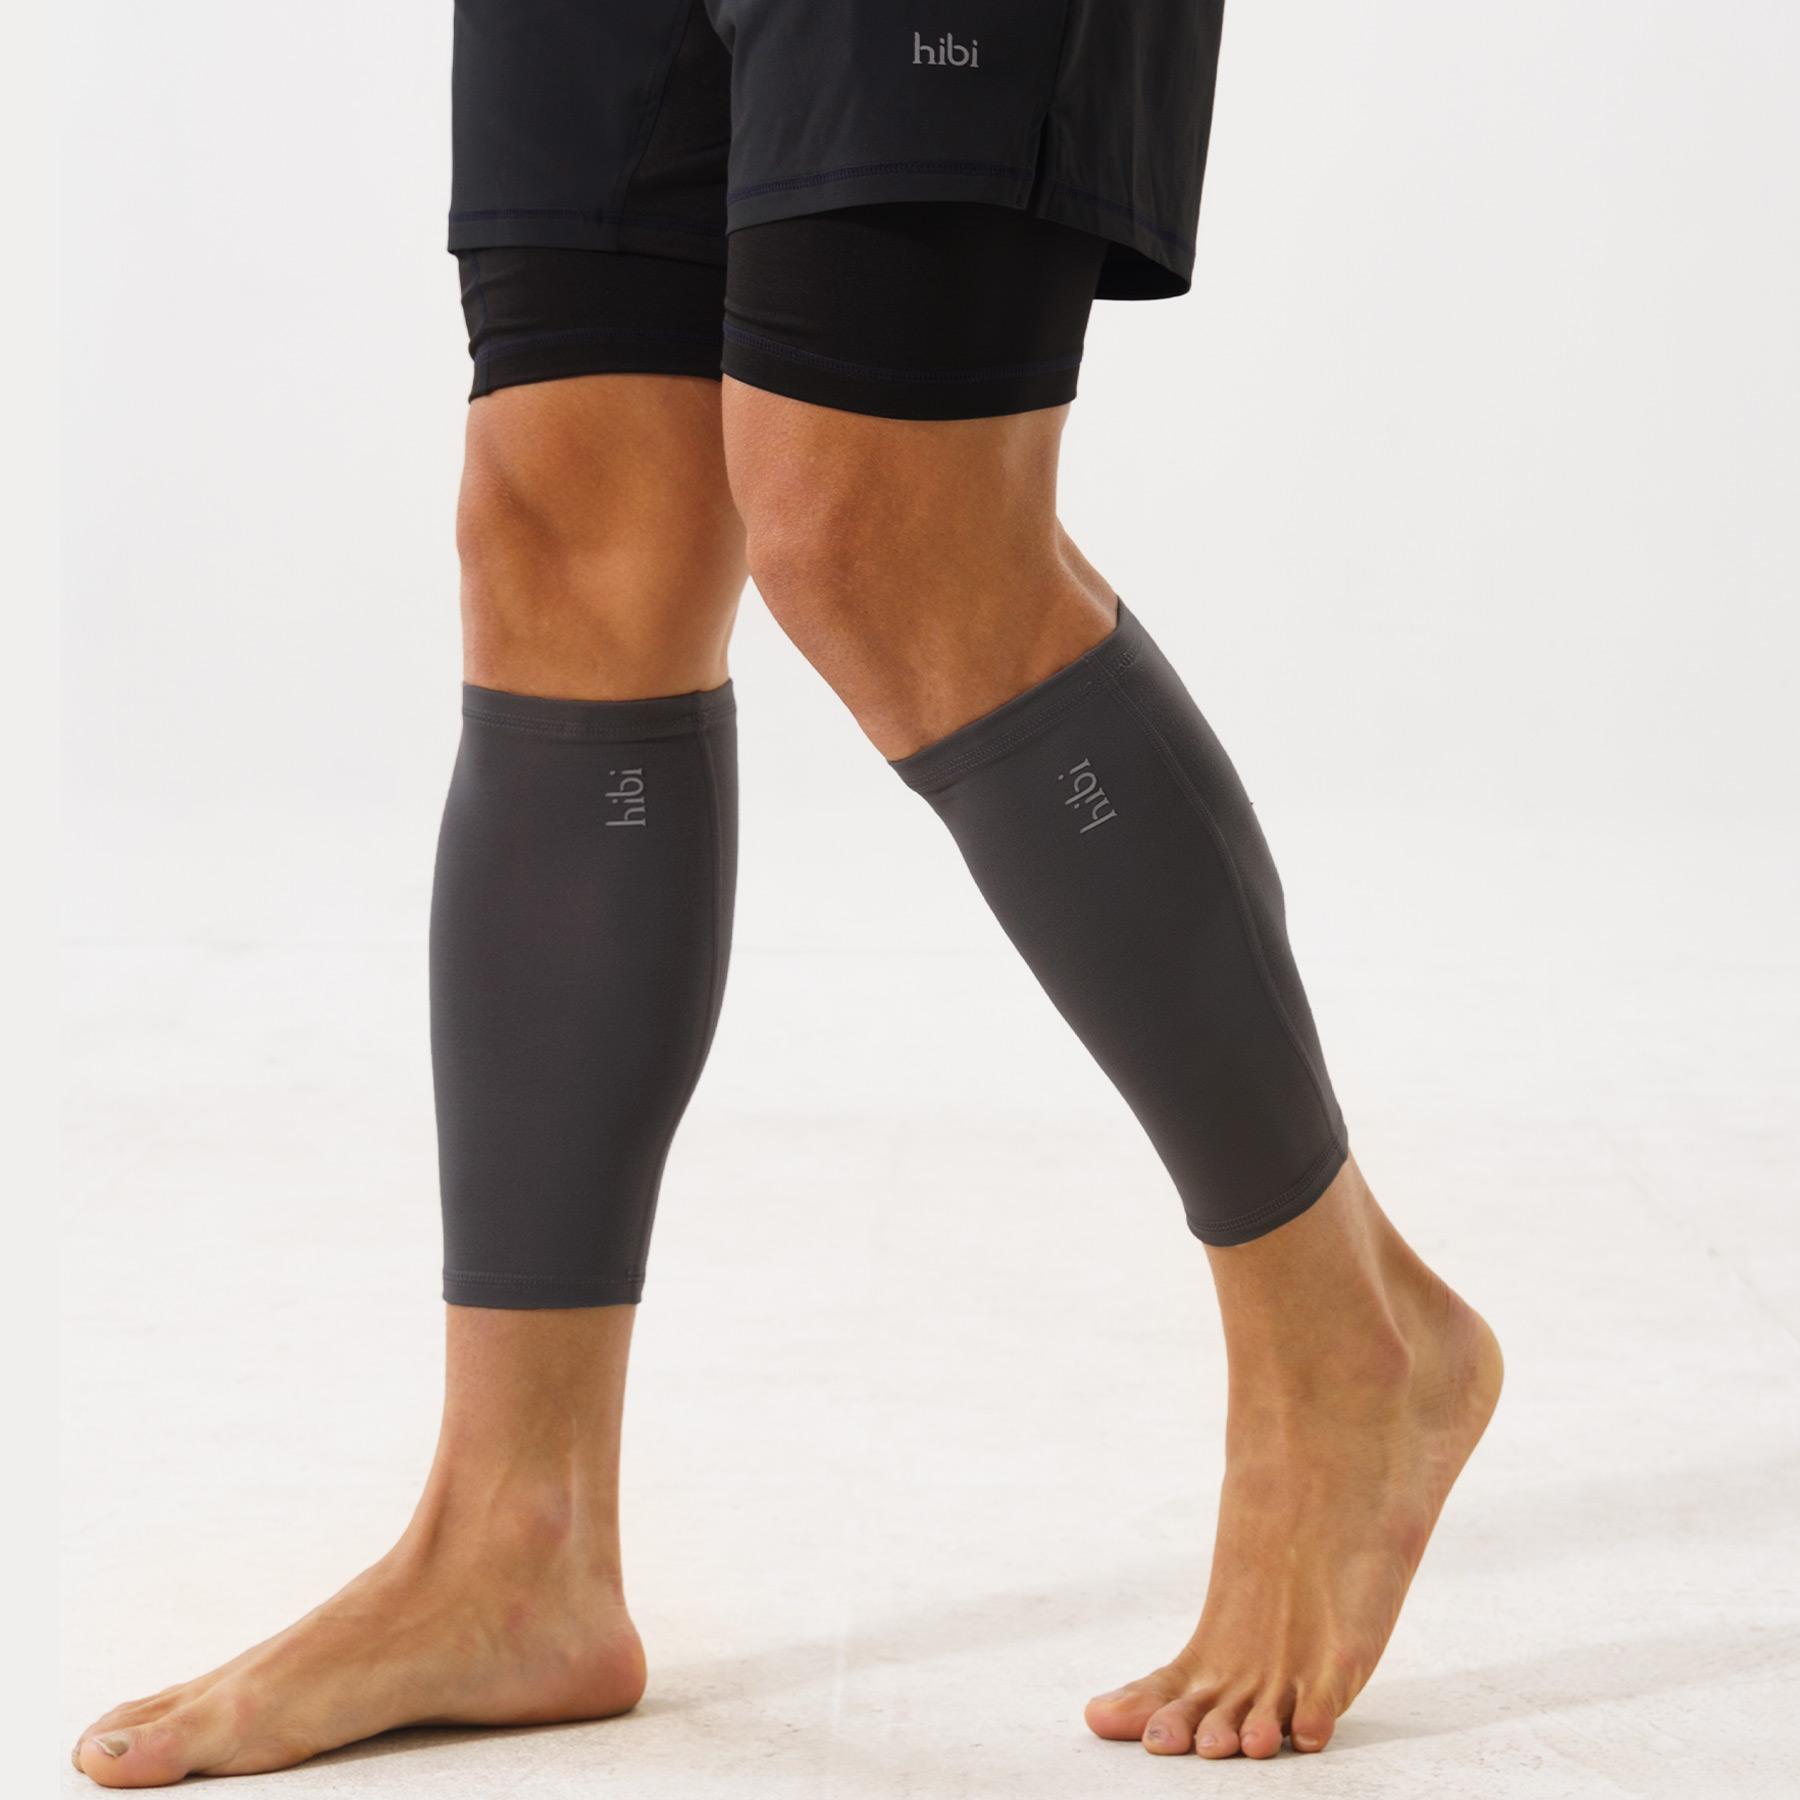 Bó bắp chân - Phụ kiện bảo vệ ống chân Hibi Sports A001